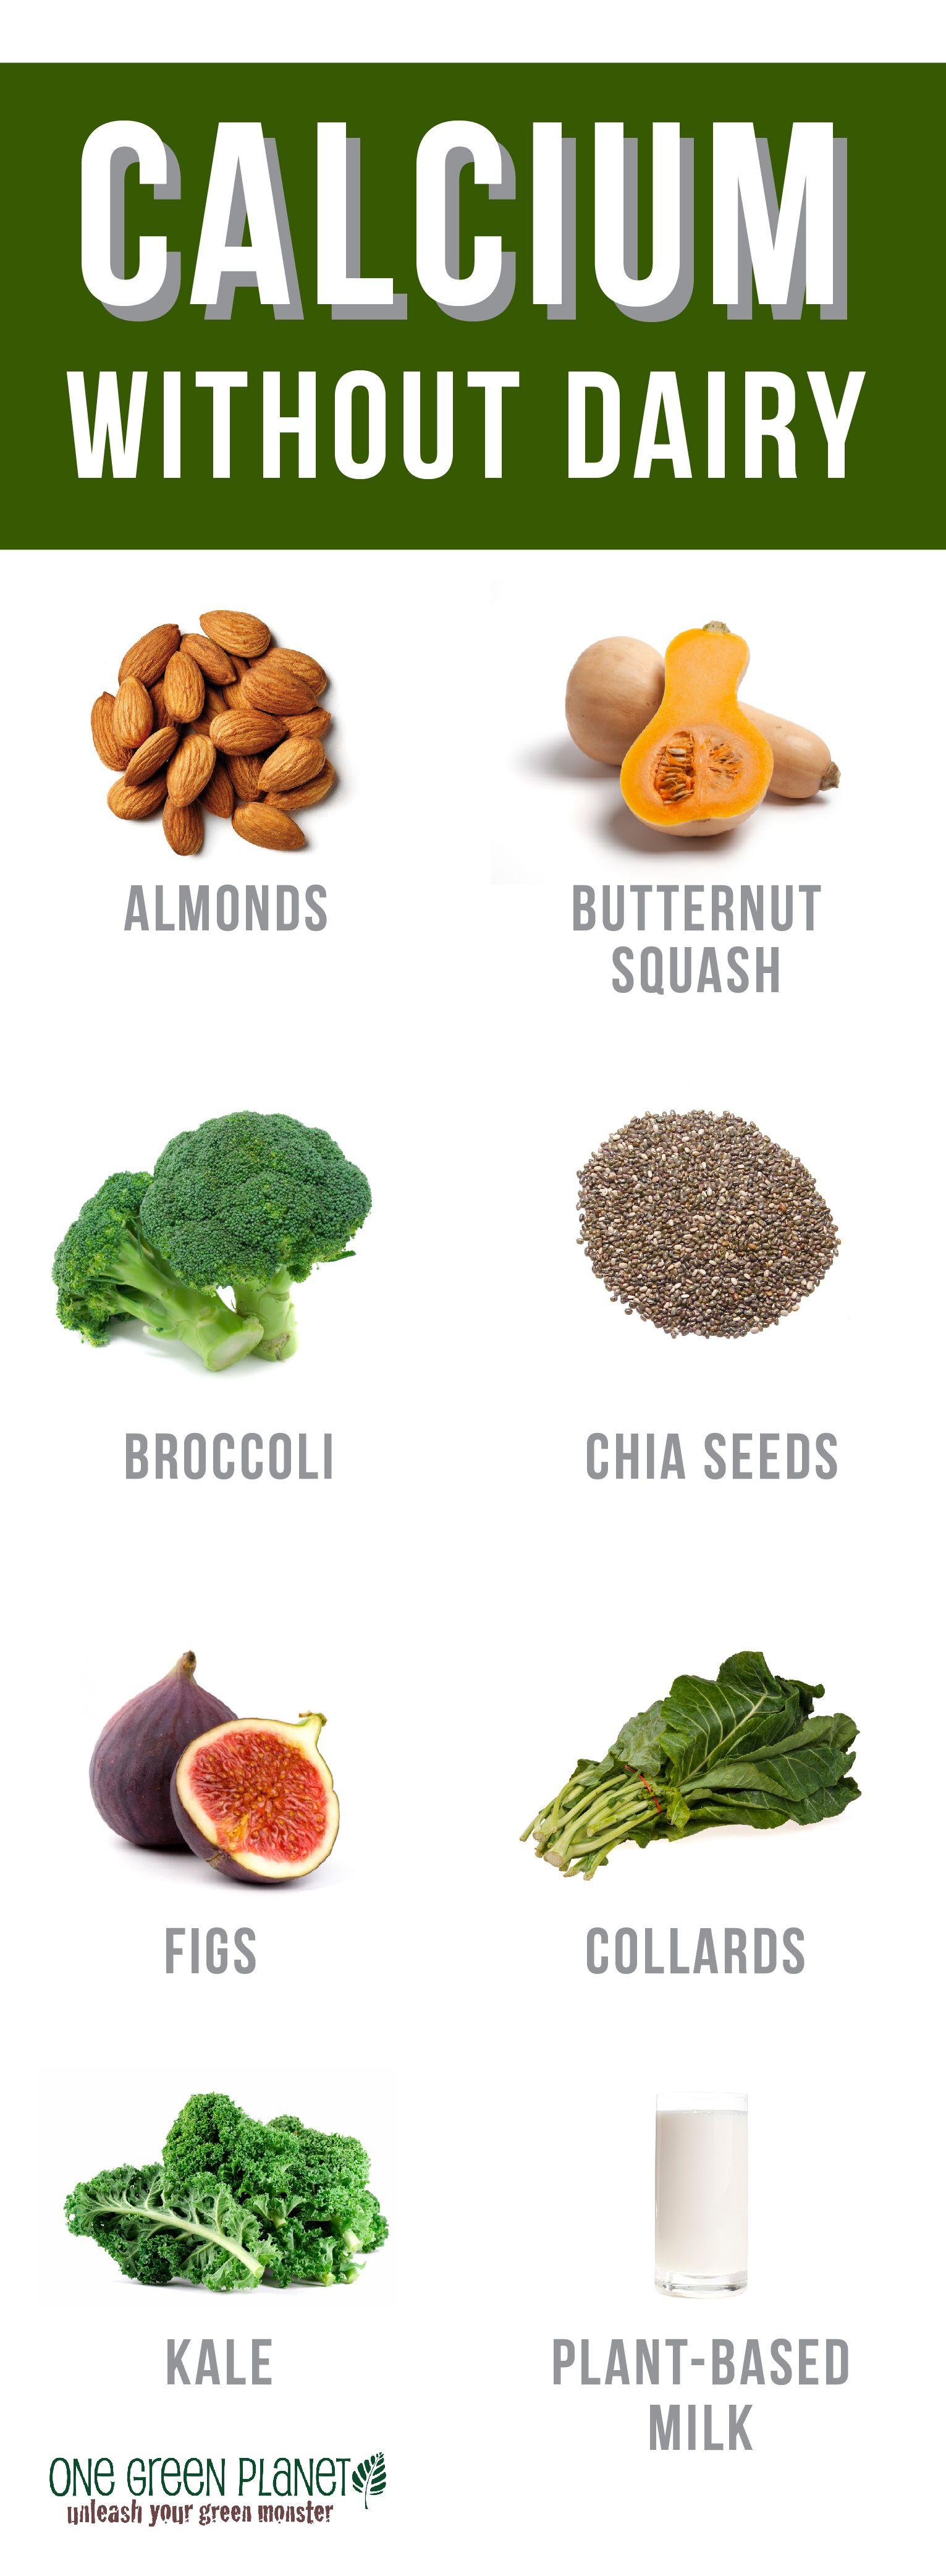 Comidas saludables para bajar de peso recetas picture 9